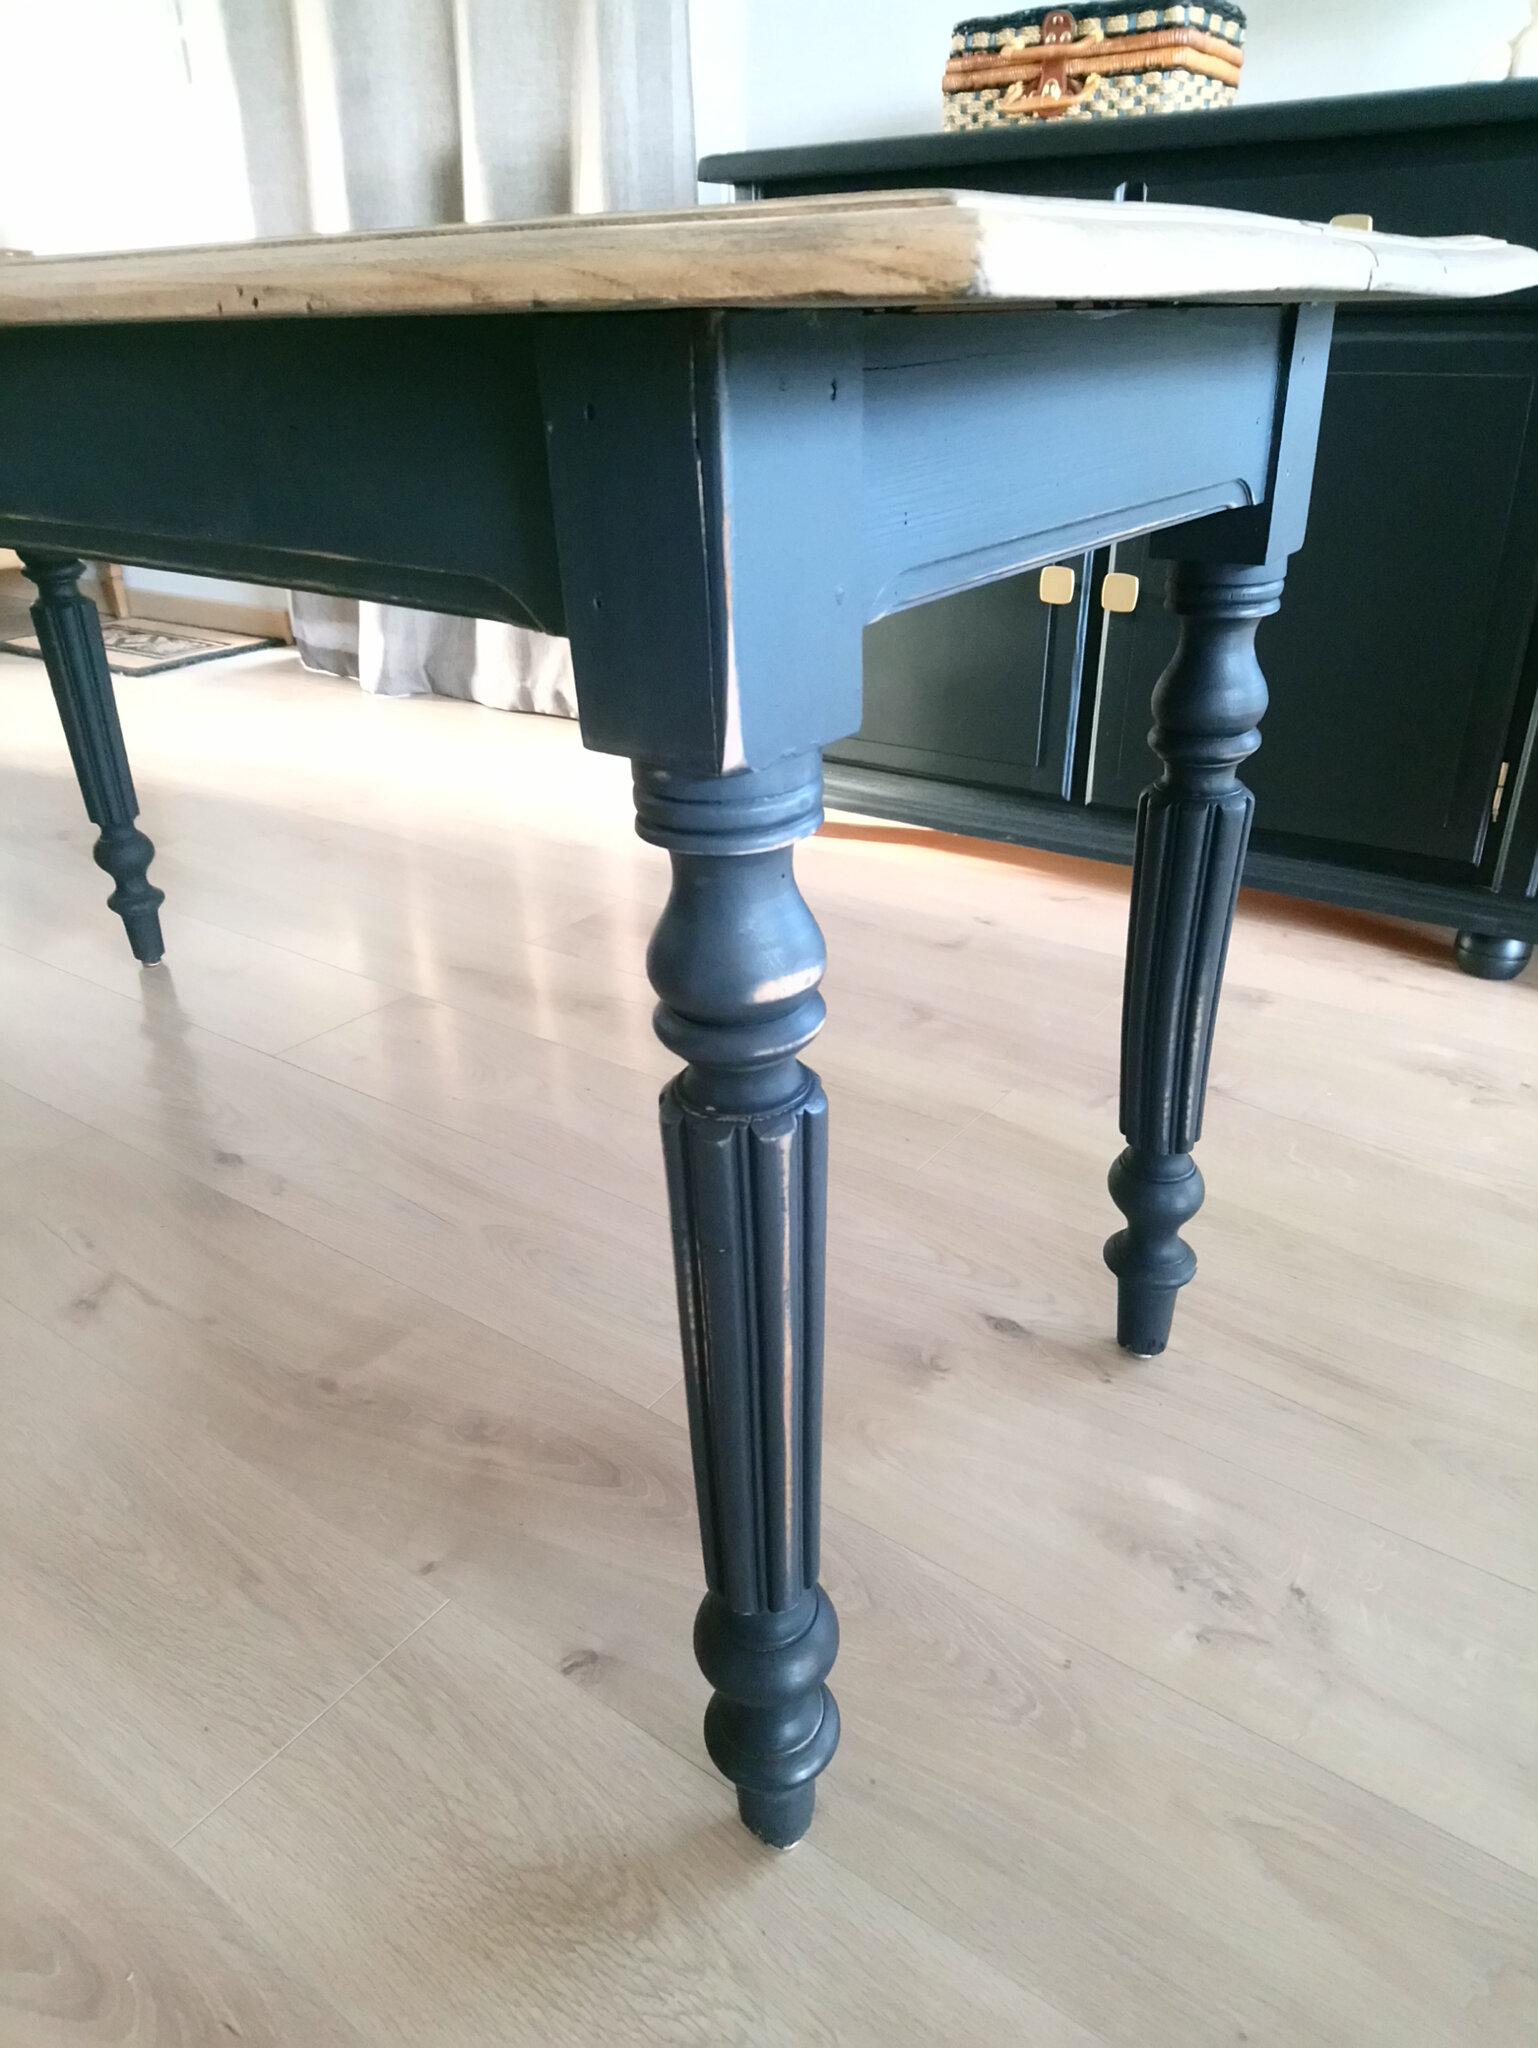 Table de ferme relooké   Rénovation et Relooking de meubles Nadrenov